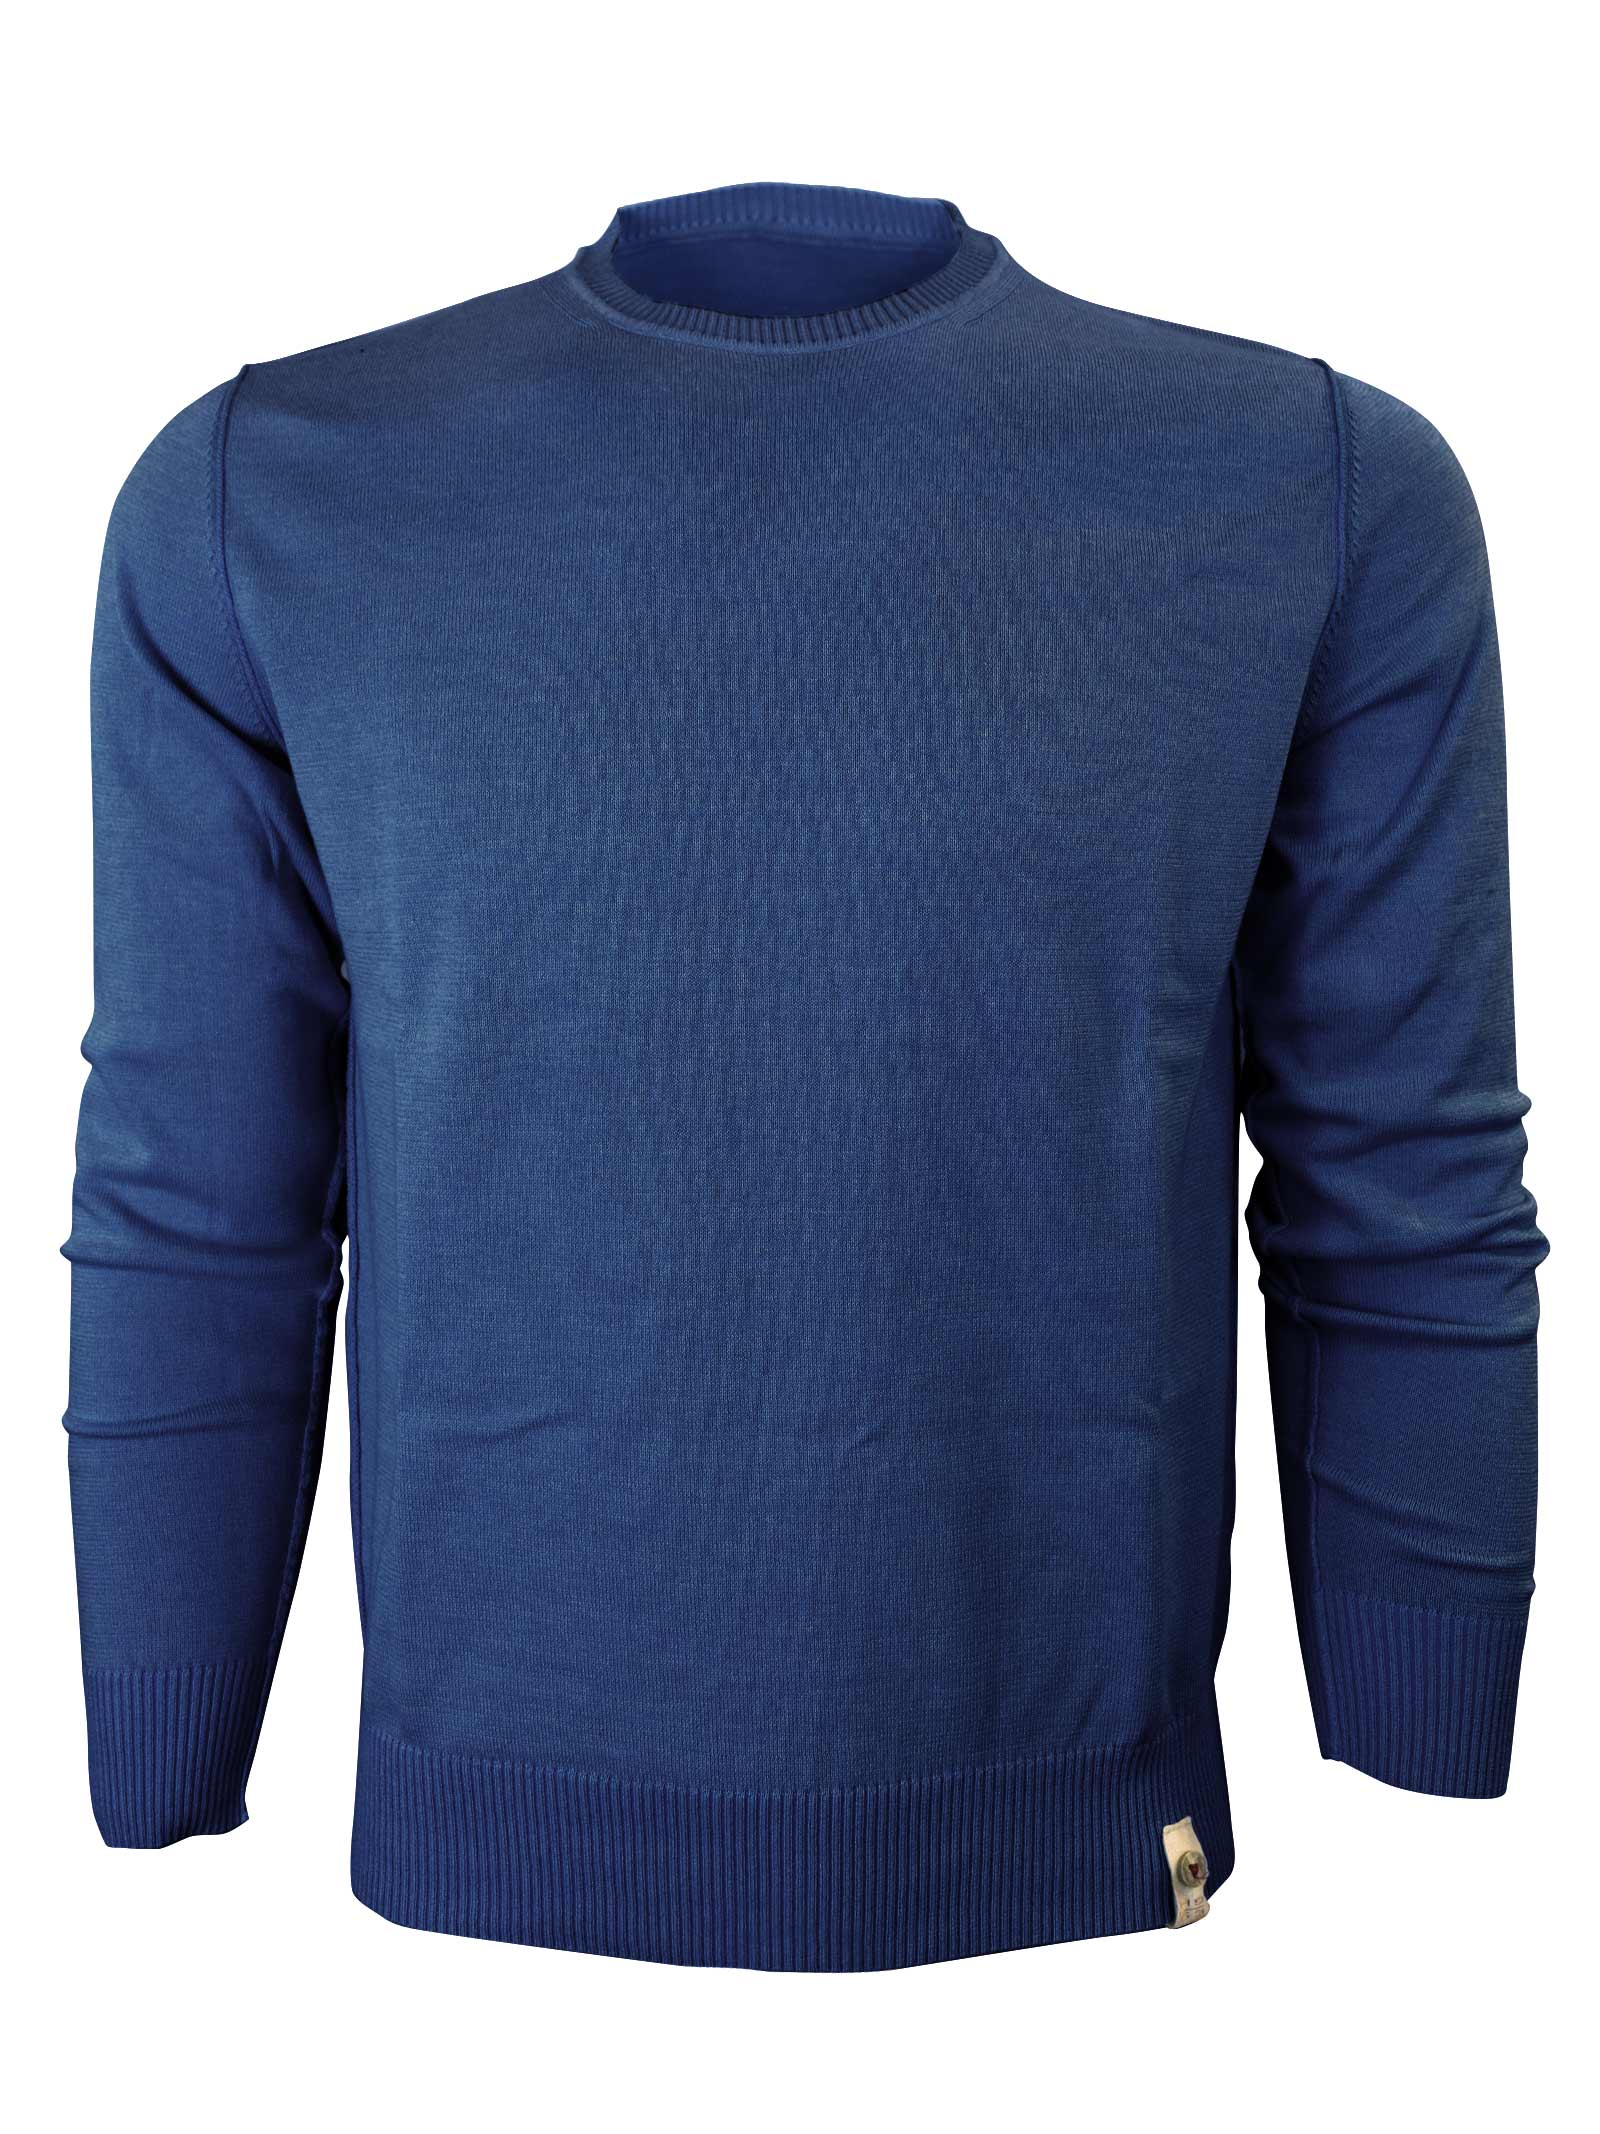 H953 | Knitwear | 27858990